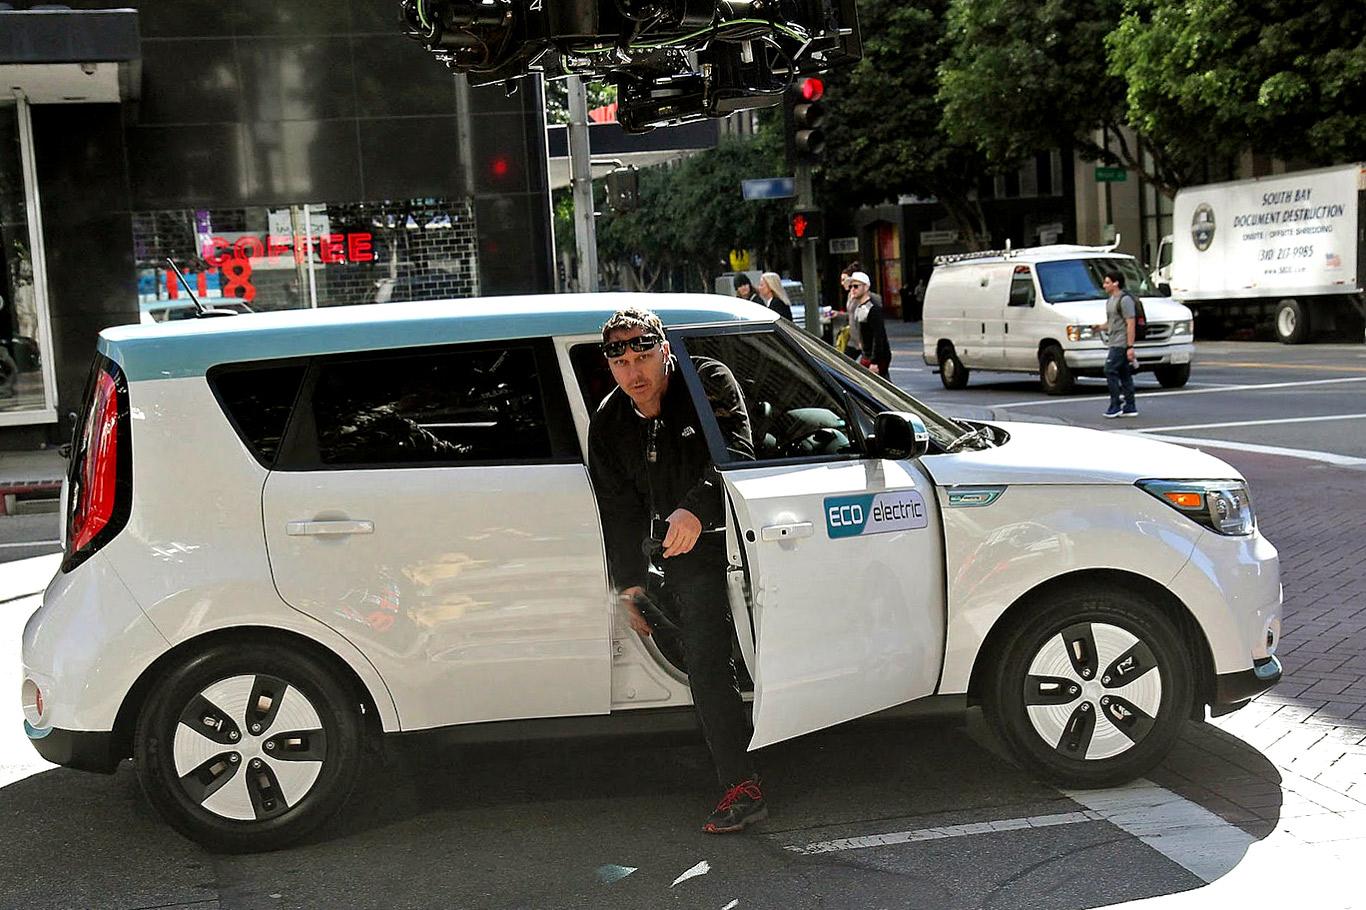 Soul компании Kia лидирует на рынке электромобилей в Южной Корее